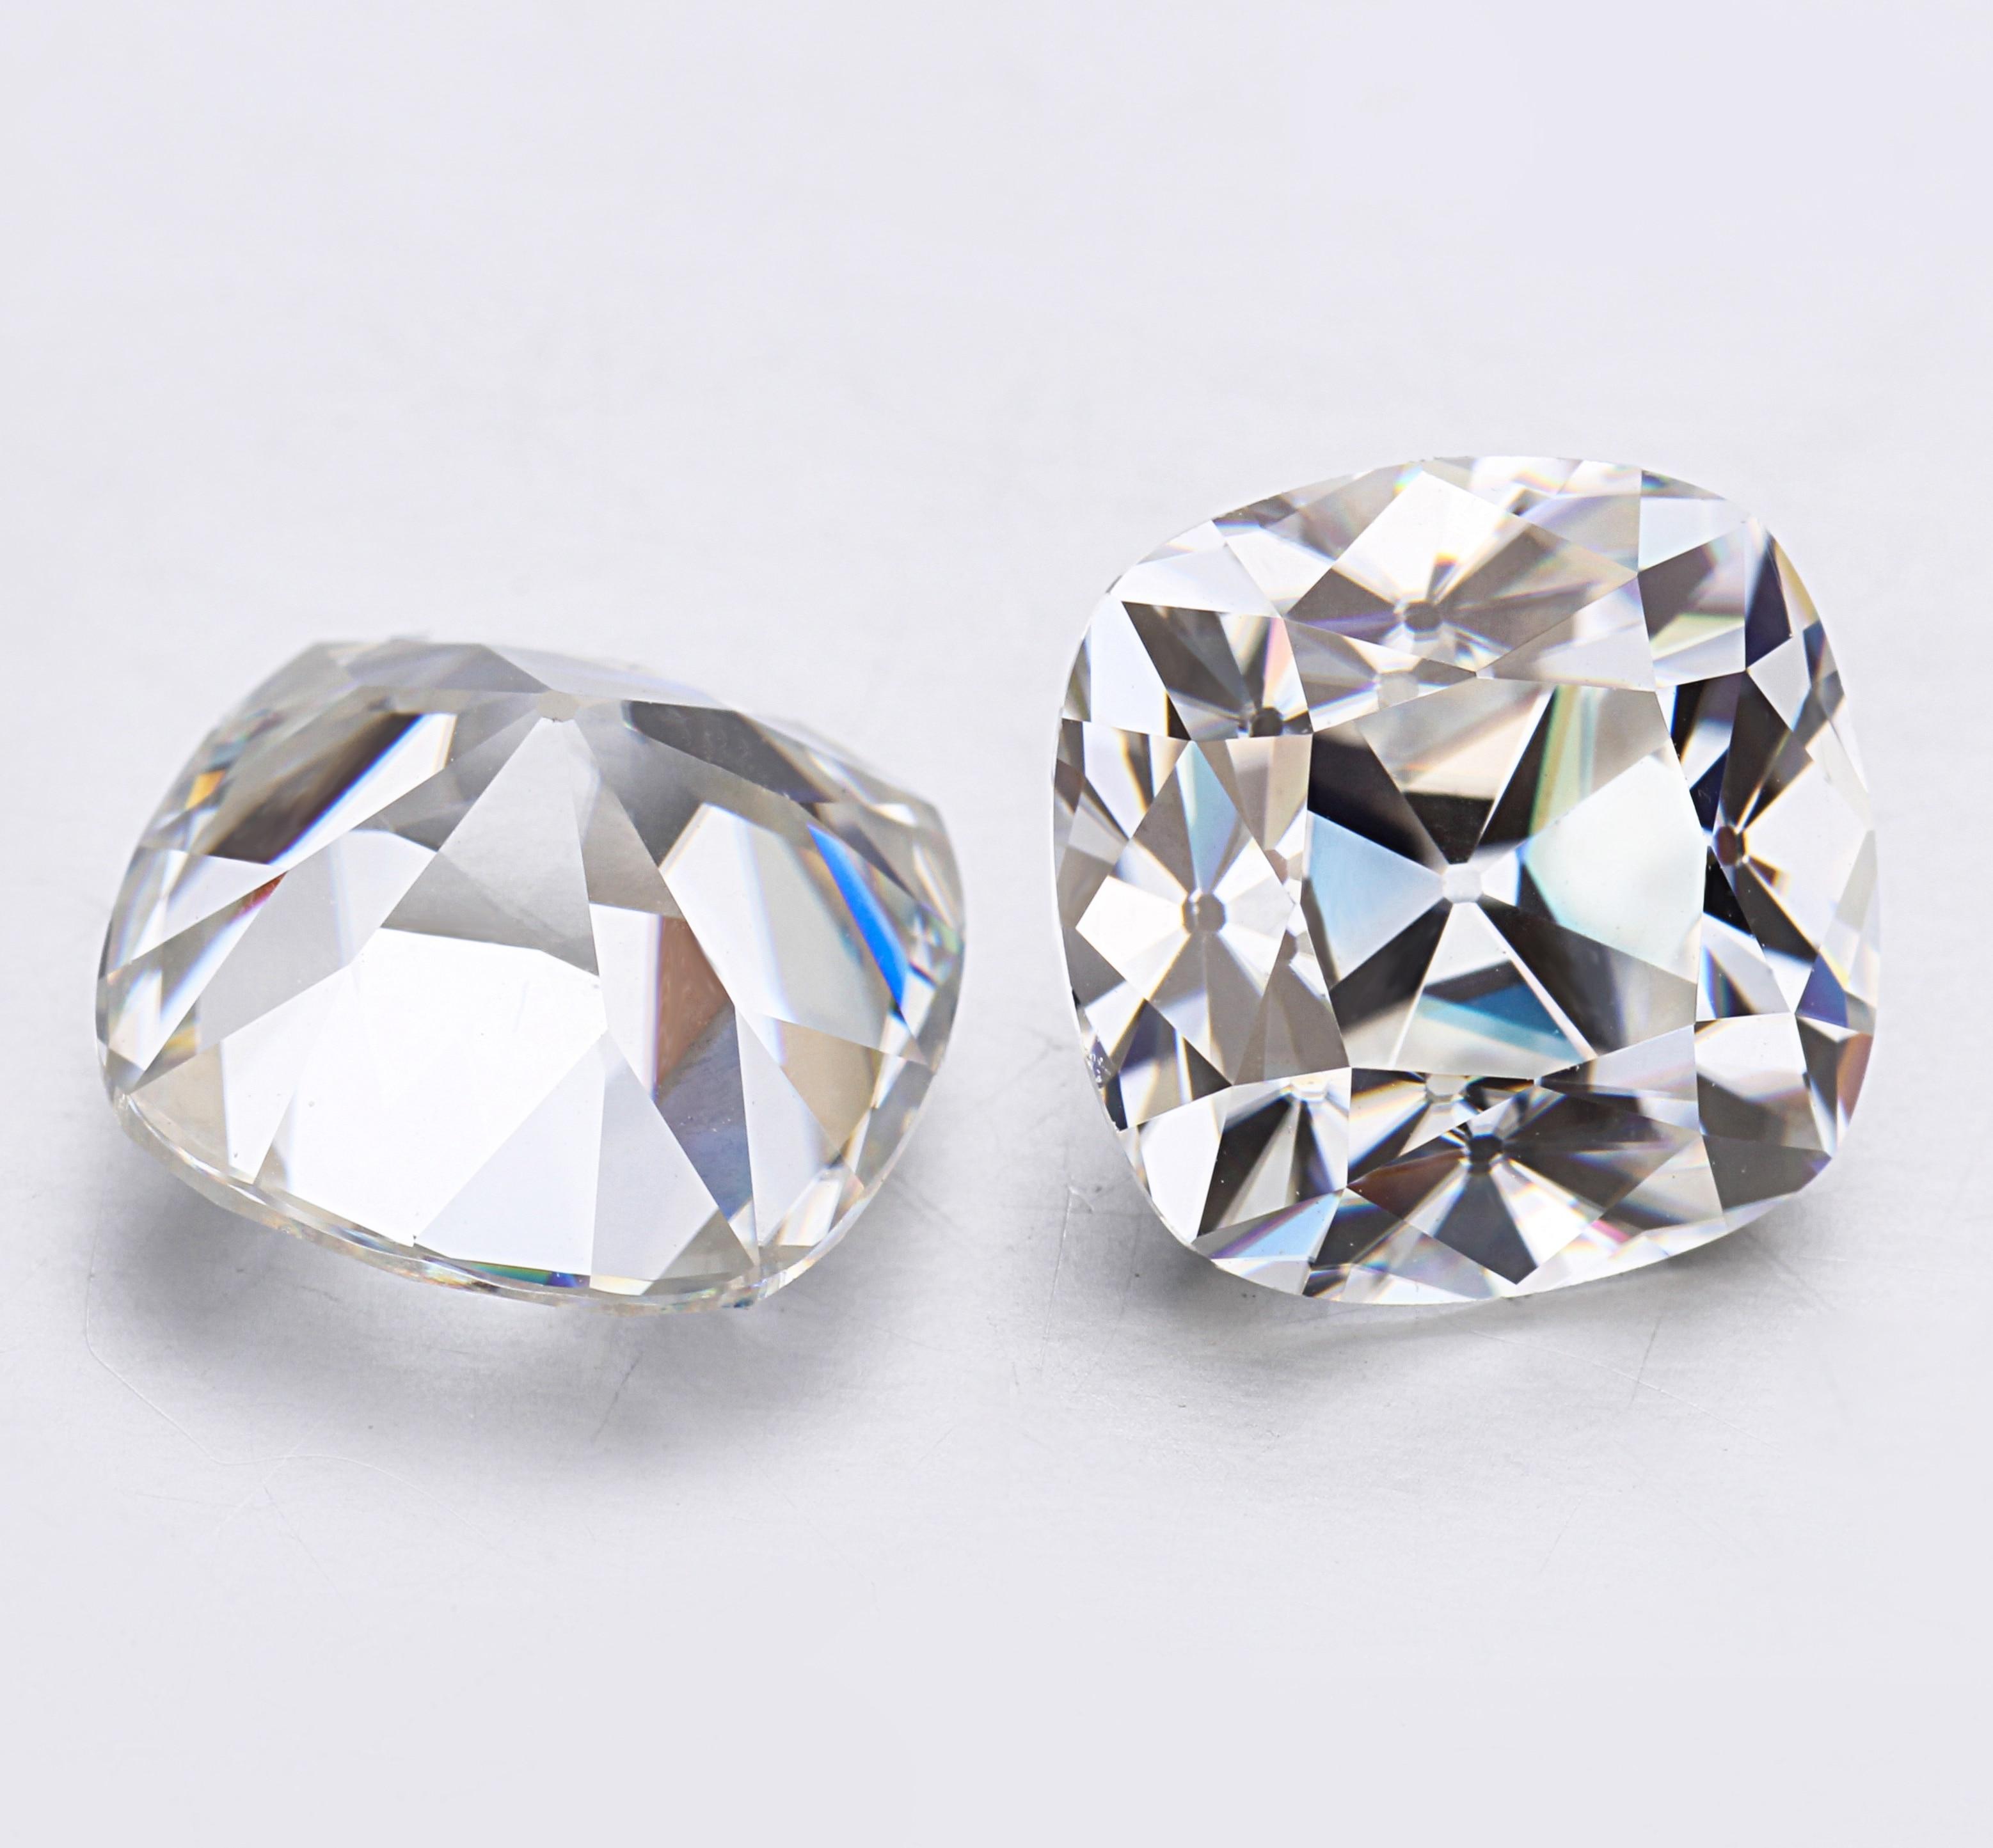 STARSGEM mode OMC 6.5*6.5mm EF test positif moissanite de haute qualité pour le marquage de bijoux